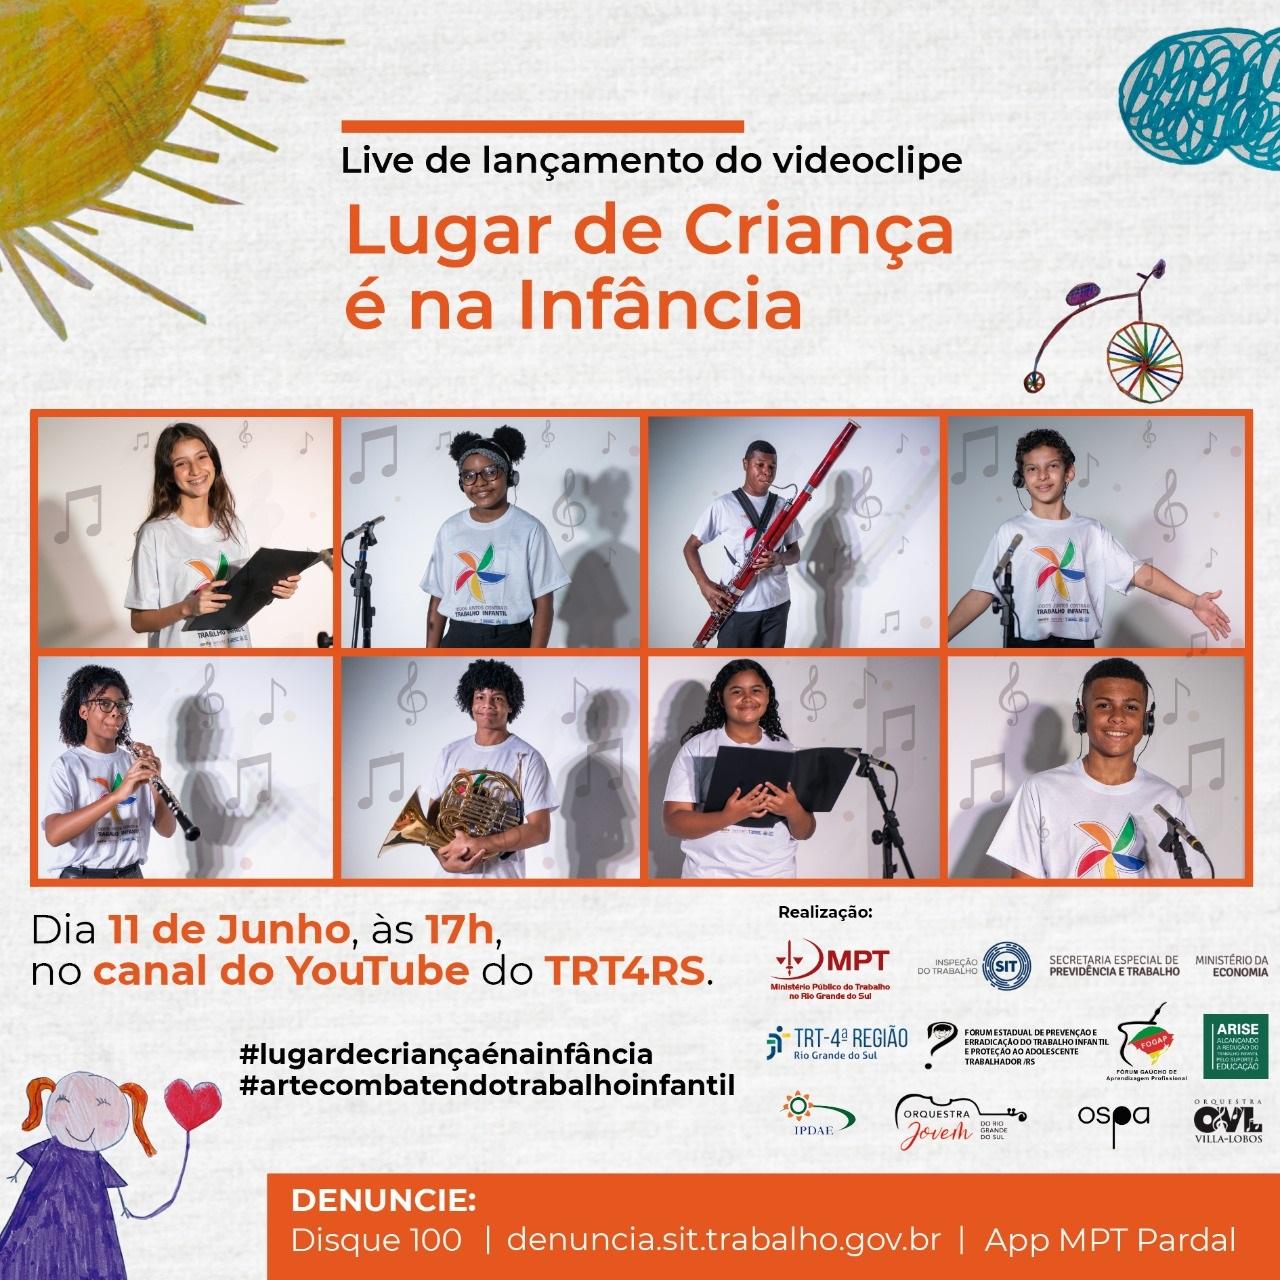 Combate ao Trabalho Infantil: live no dia 11 de junho marcará lançamento de campanha